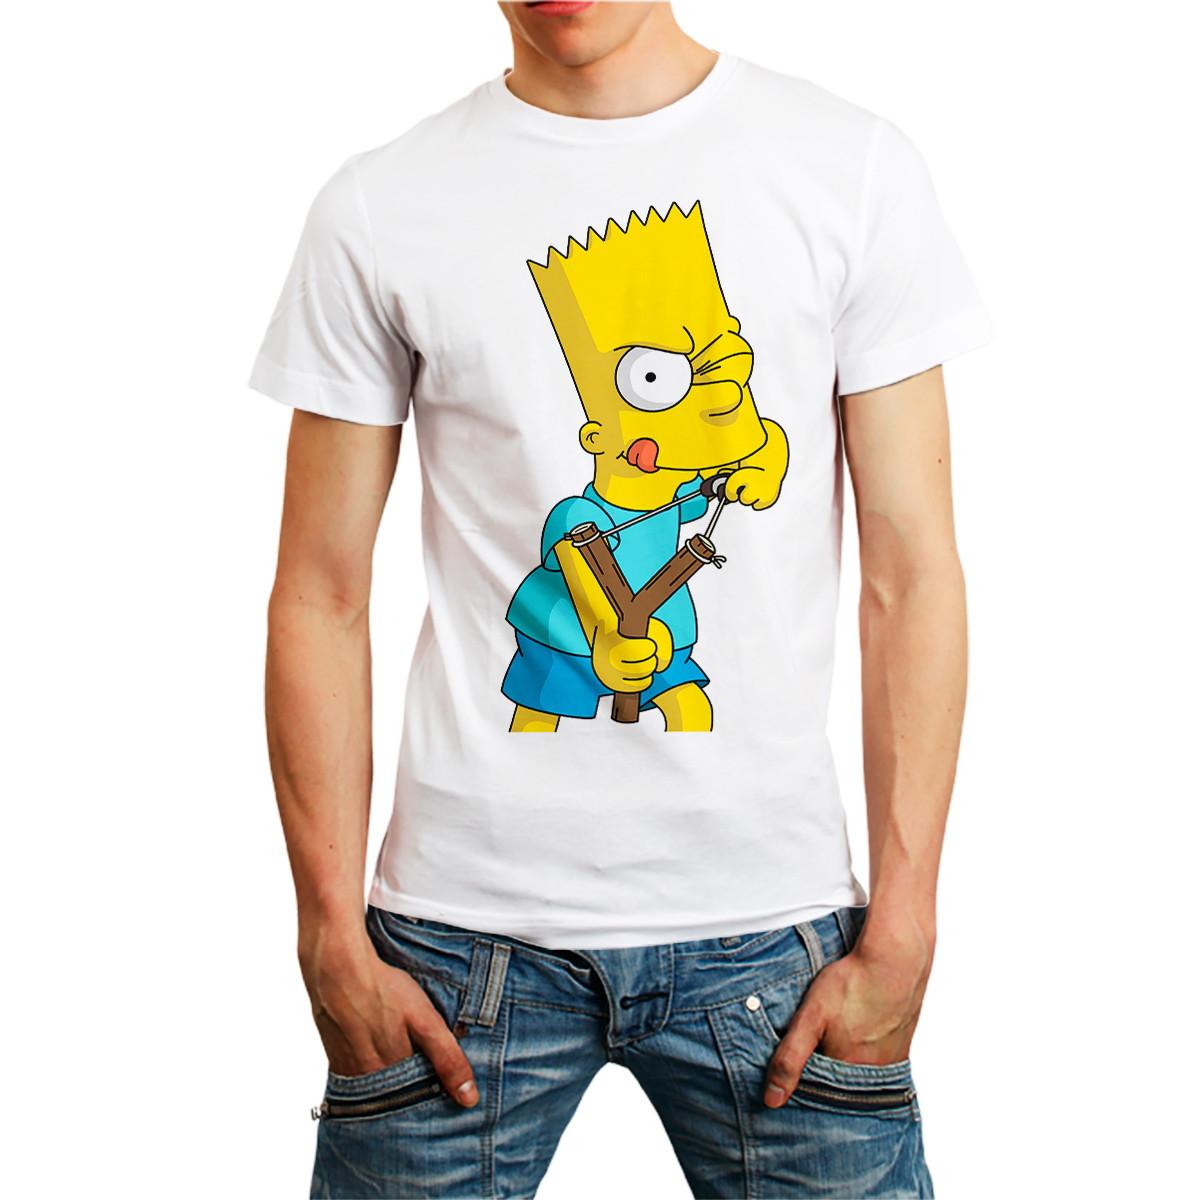 729e3350a29f Camisa Camiseta Bart Simpsons Desenho Personagem Estilingue no Elo7 ...